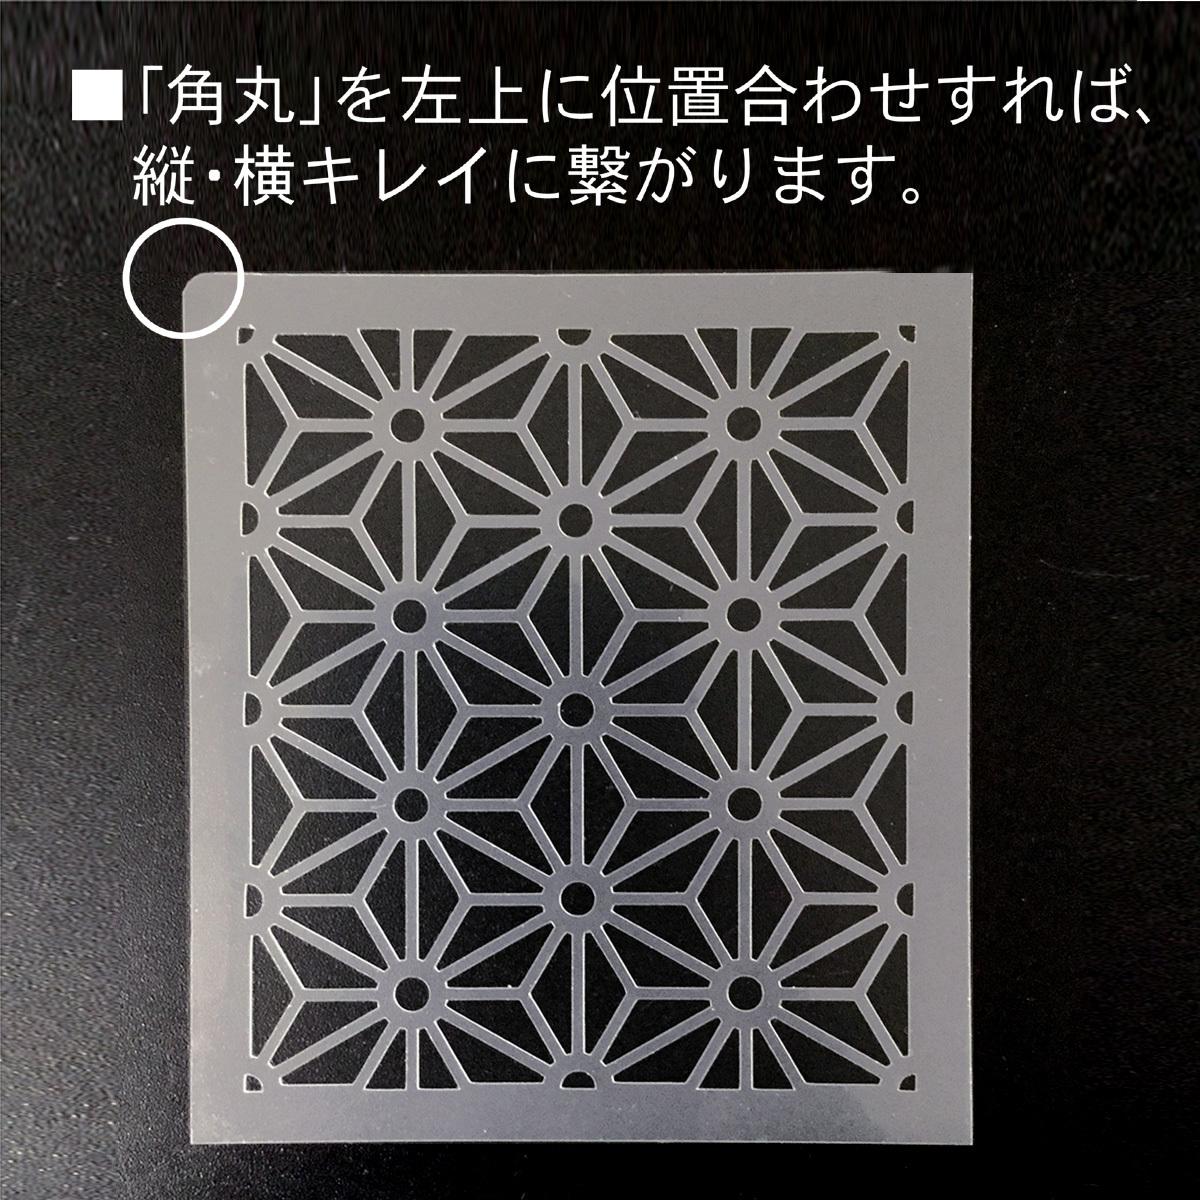 麻の葉模様A 和風地紋9番  ステンシルシート 型紙図案 NO239_画像7